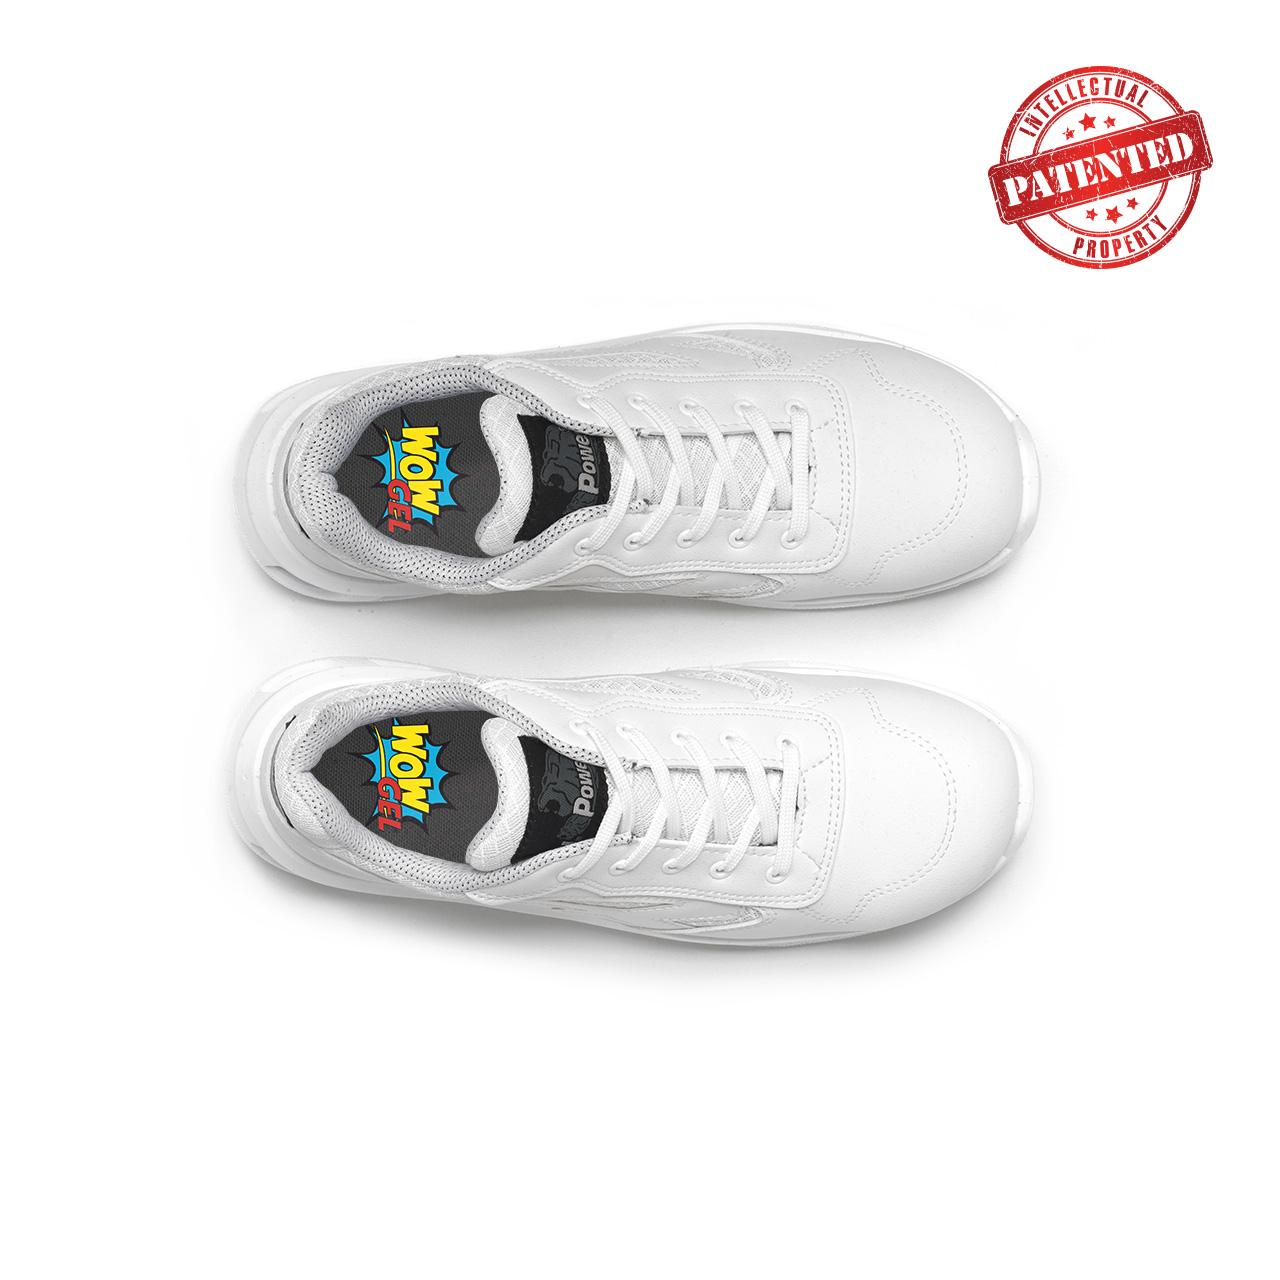 paio di scarpe antinfortunistiche upower modello june linea redlion vista top